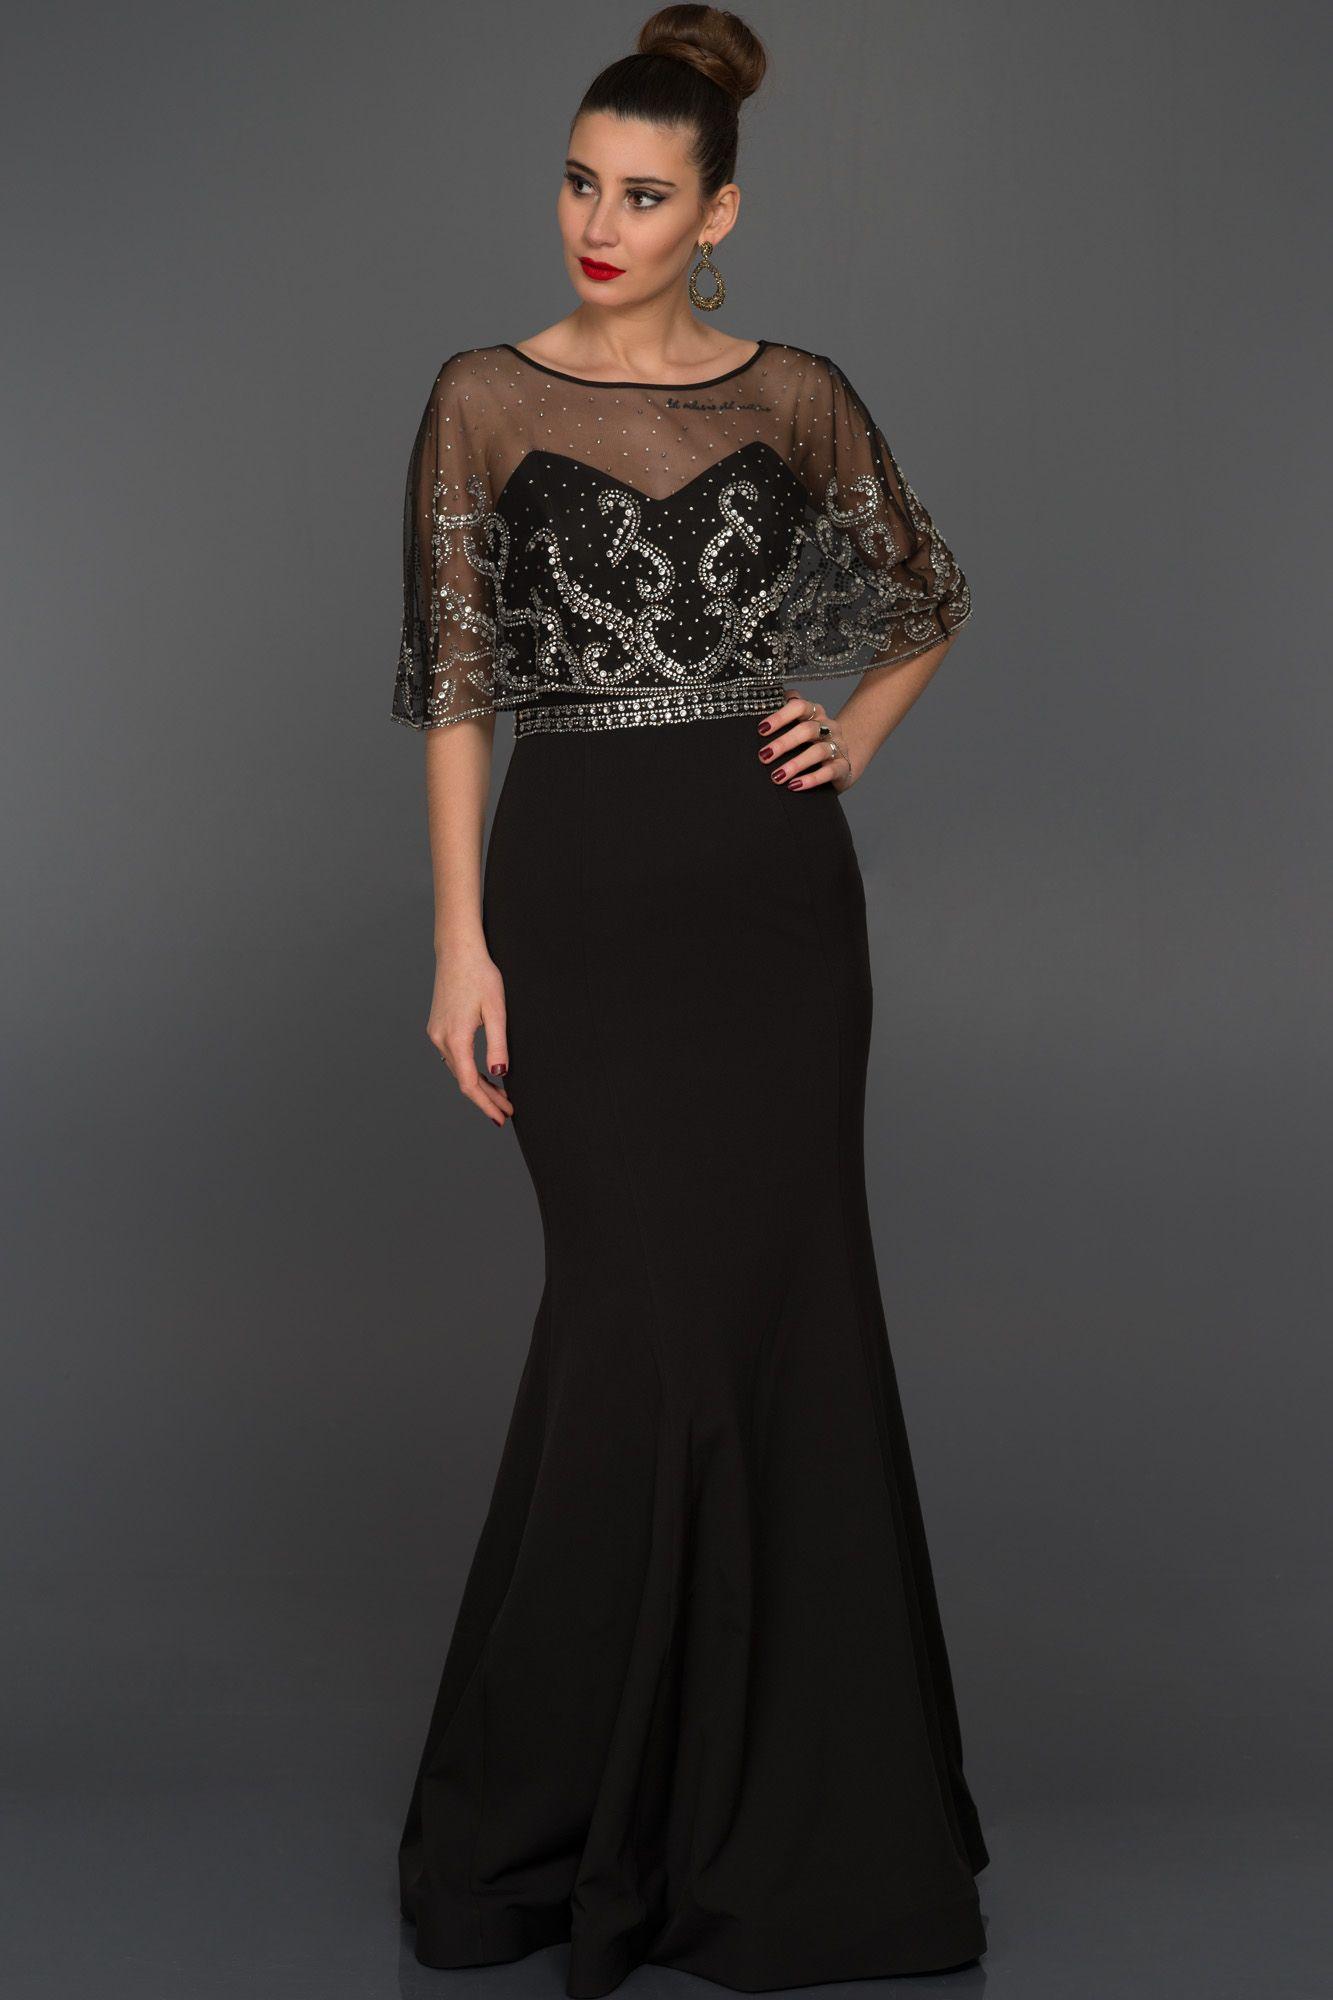 Siyah Uzun Tasli Abiye Elbise S4390 Aksamustu Giysileri Aksam Elbiseleri Elbise